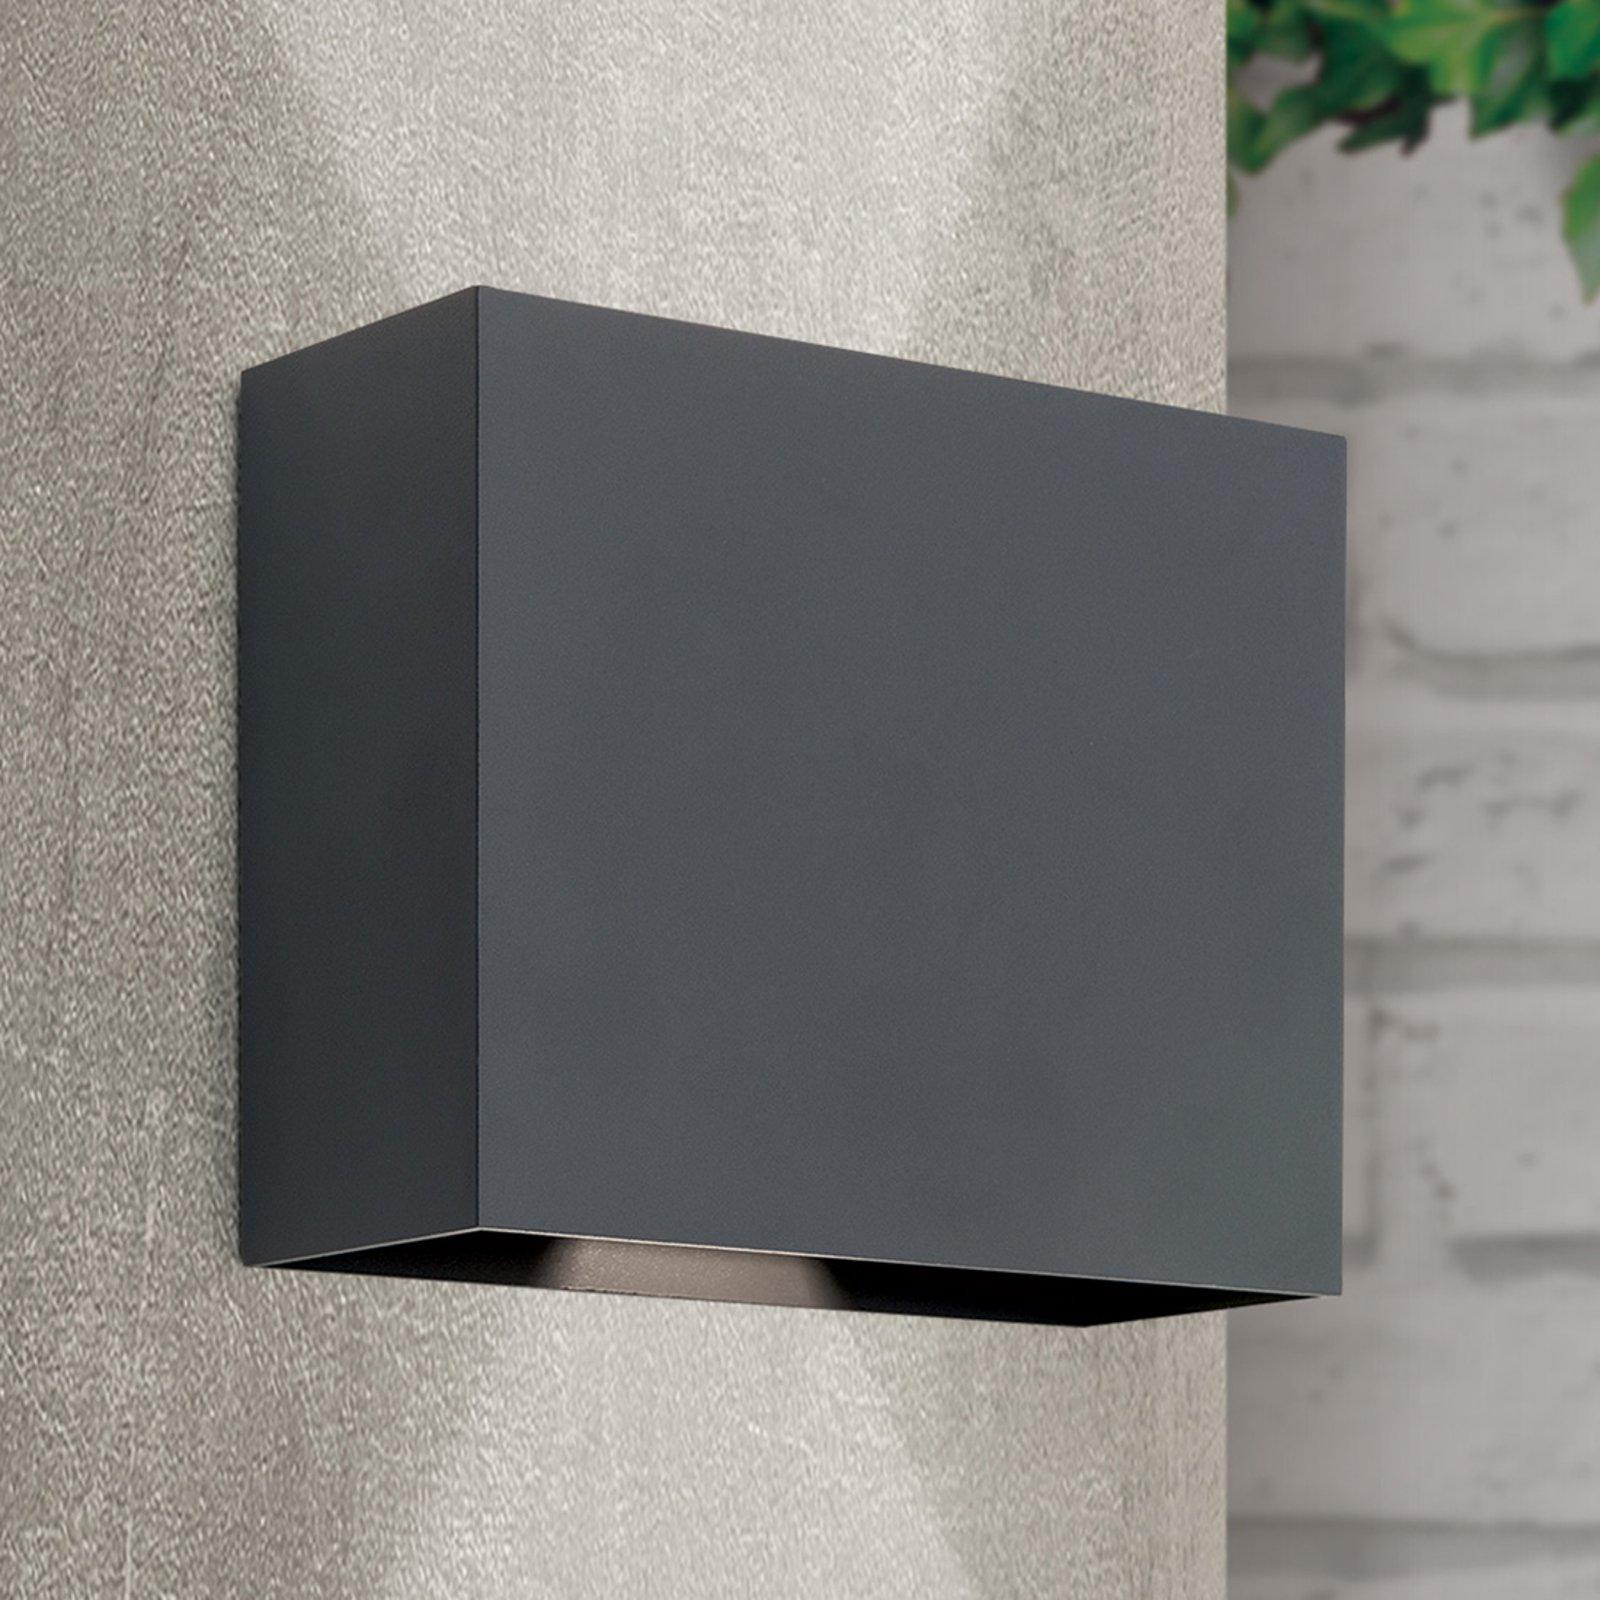 Akzent utendørs LED-vegglampe, justerbar